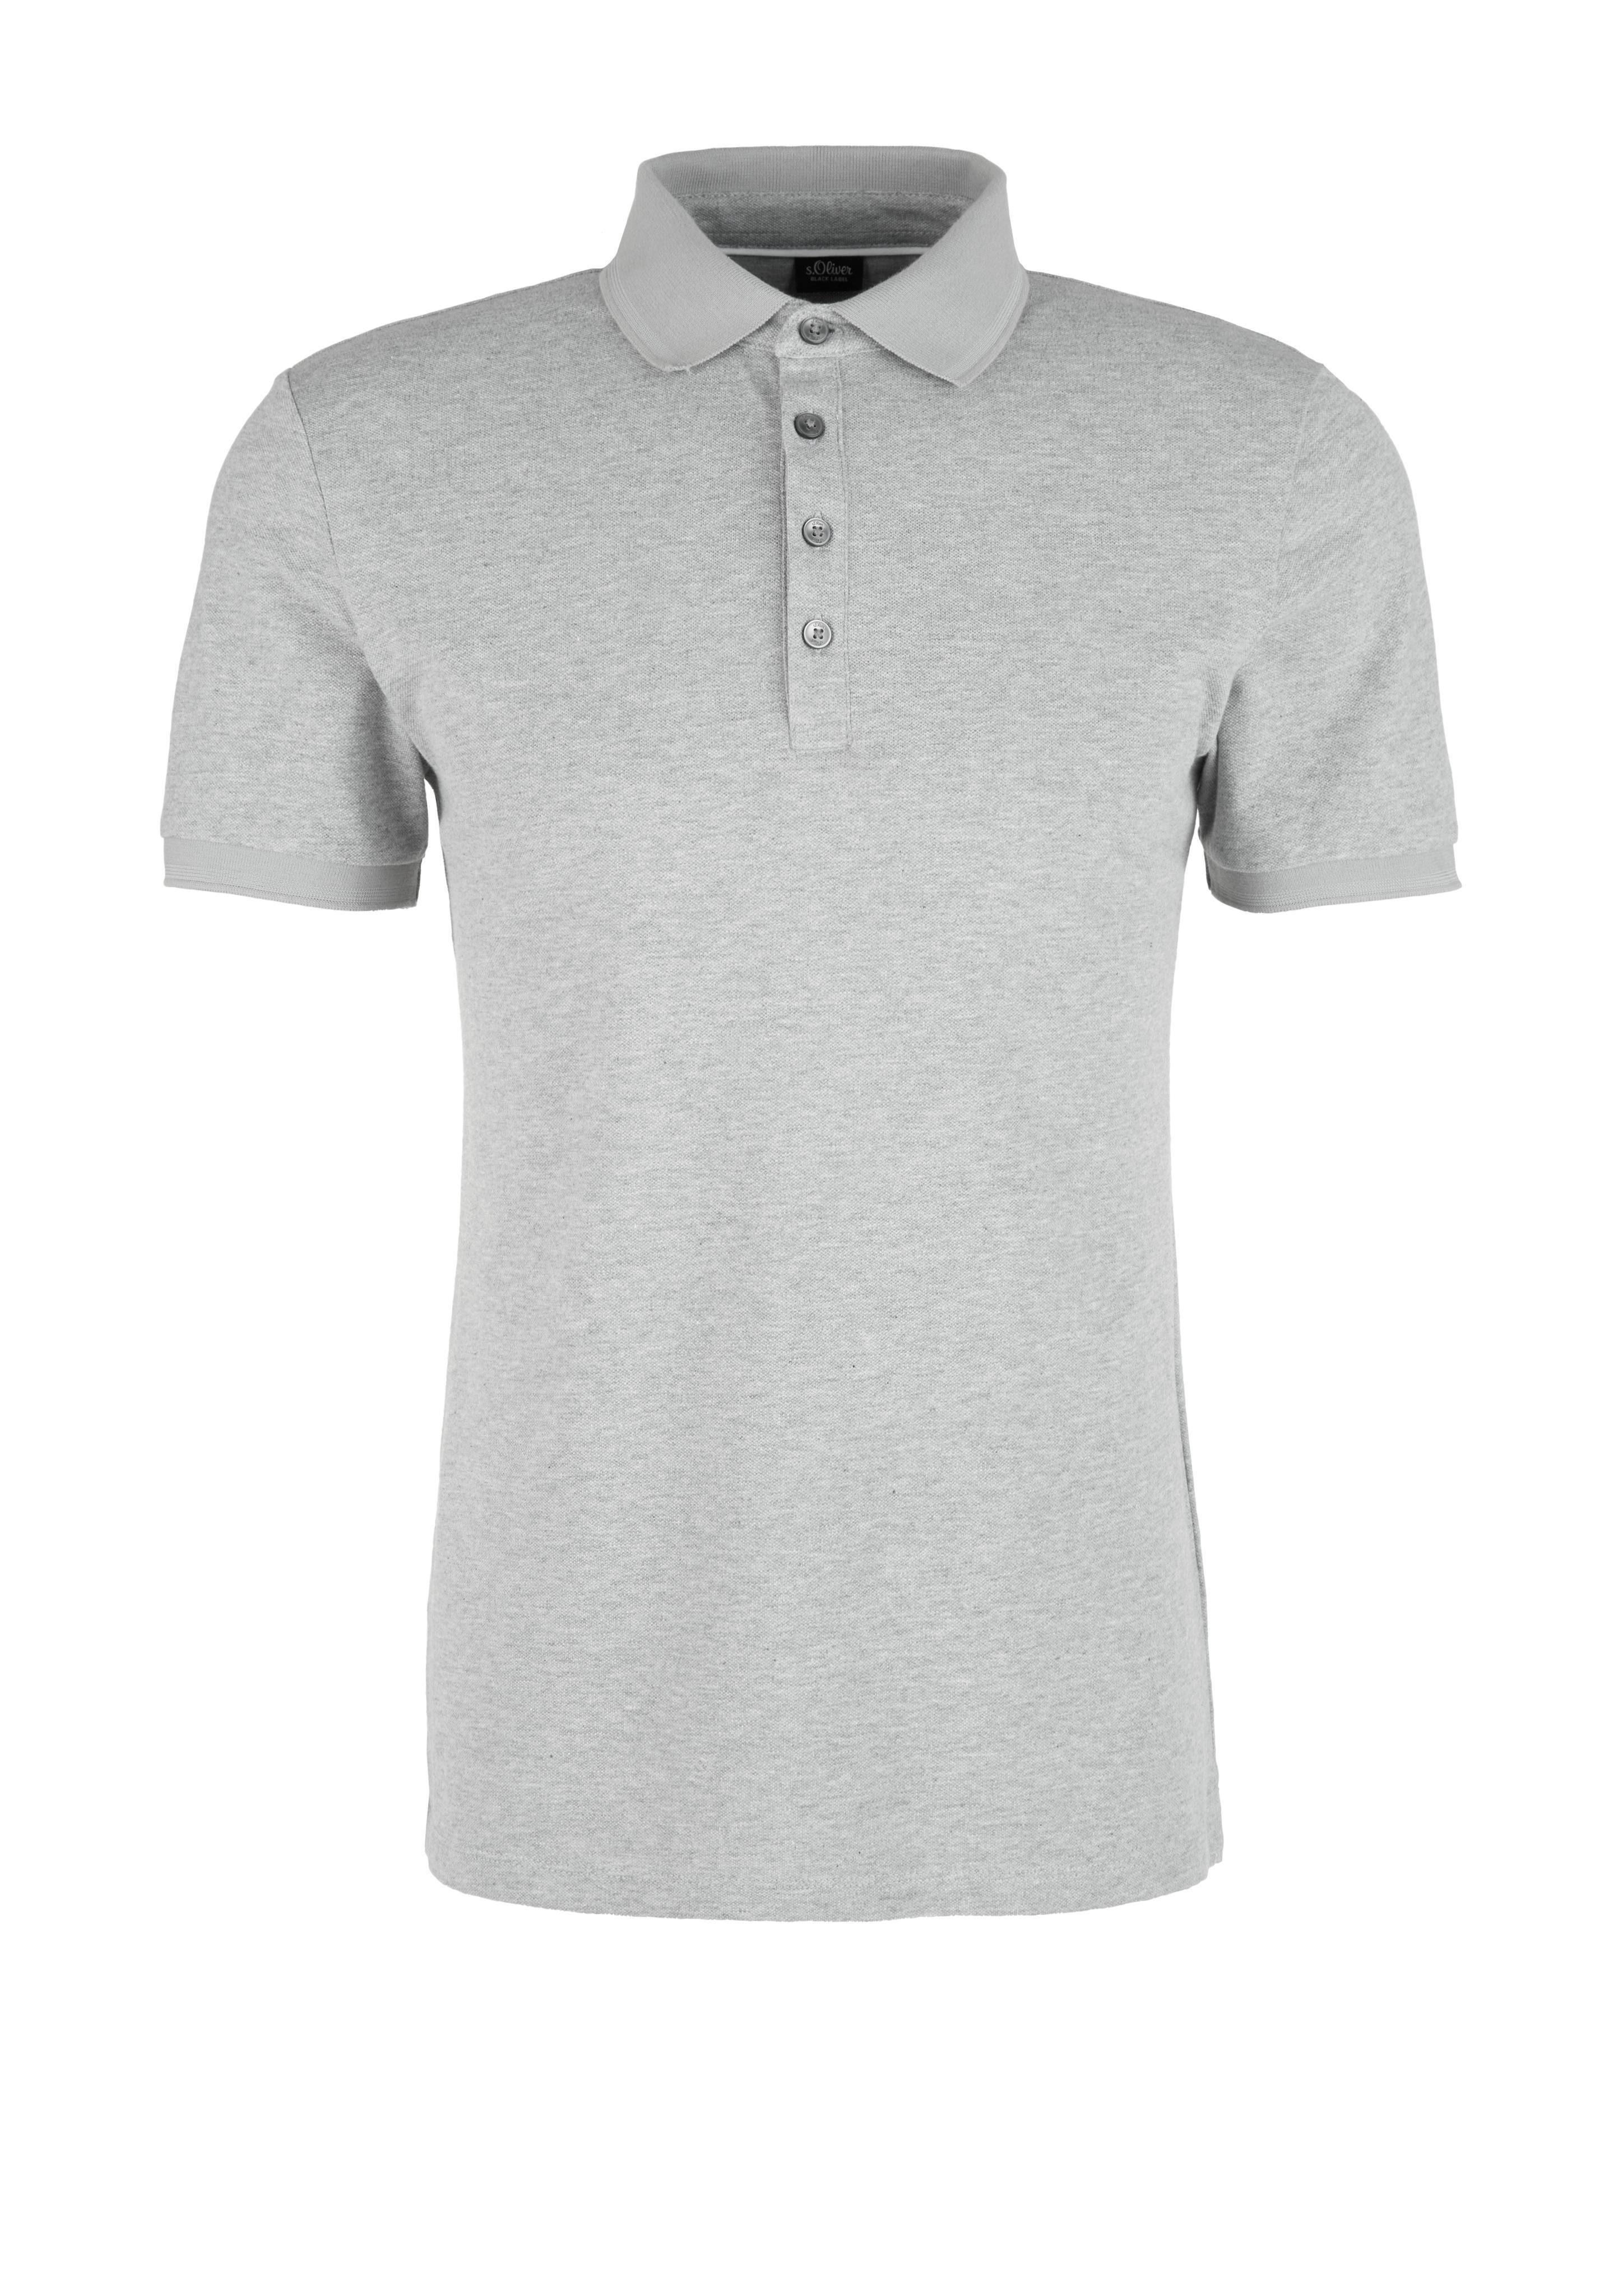 S.oliver Black Label Poloshirt Makkelijk Besteld - Geweldige Prijs